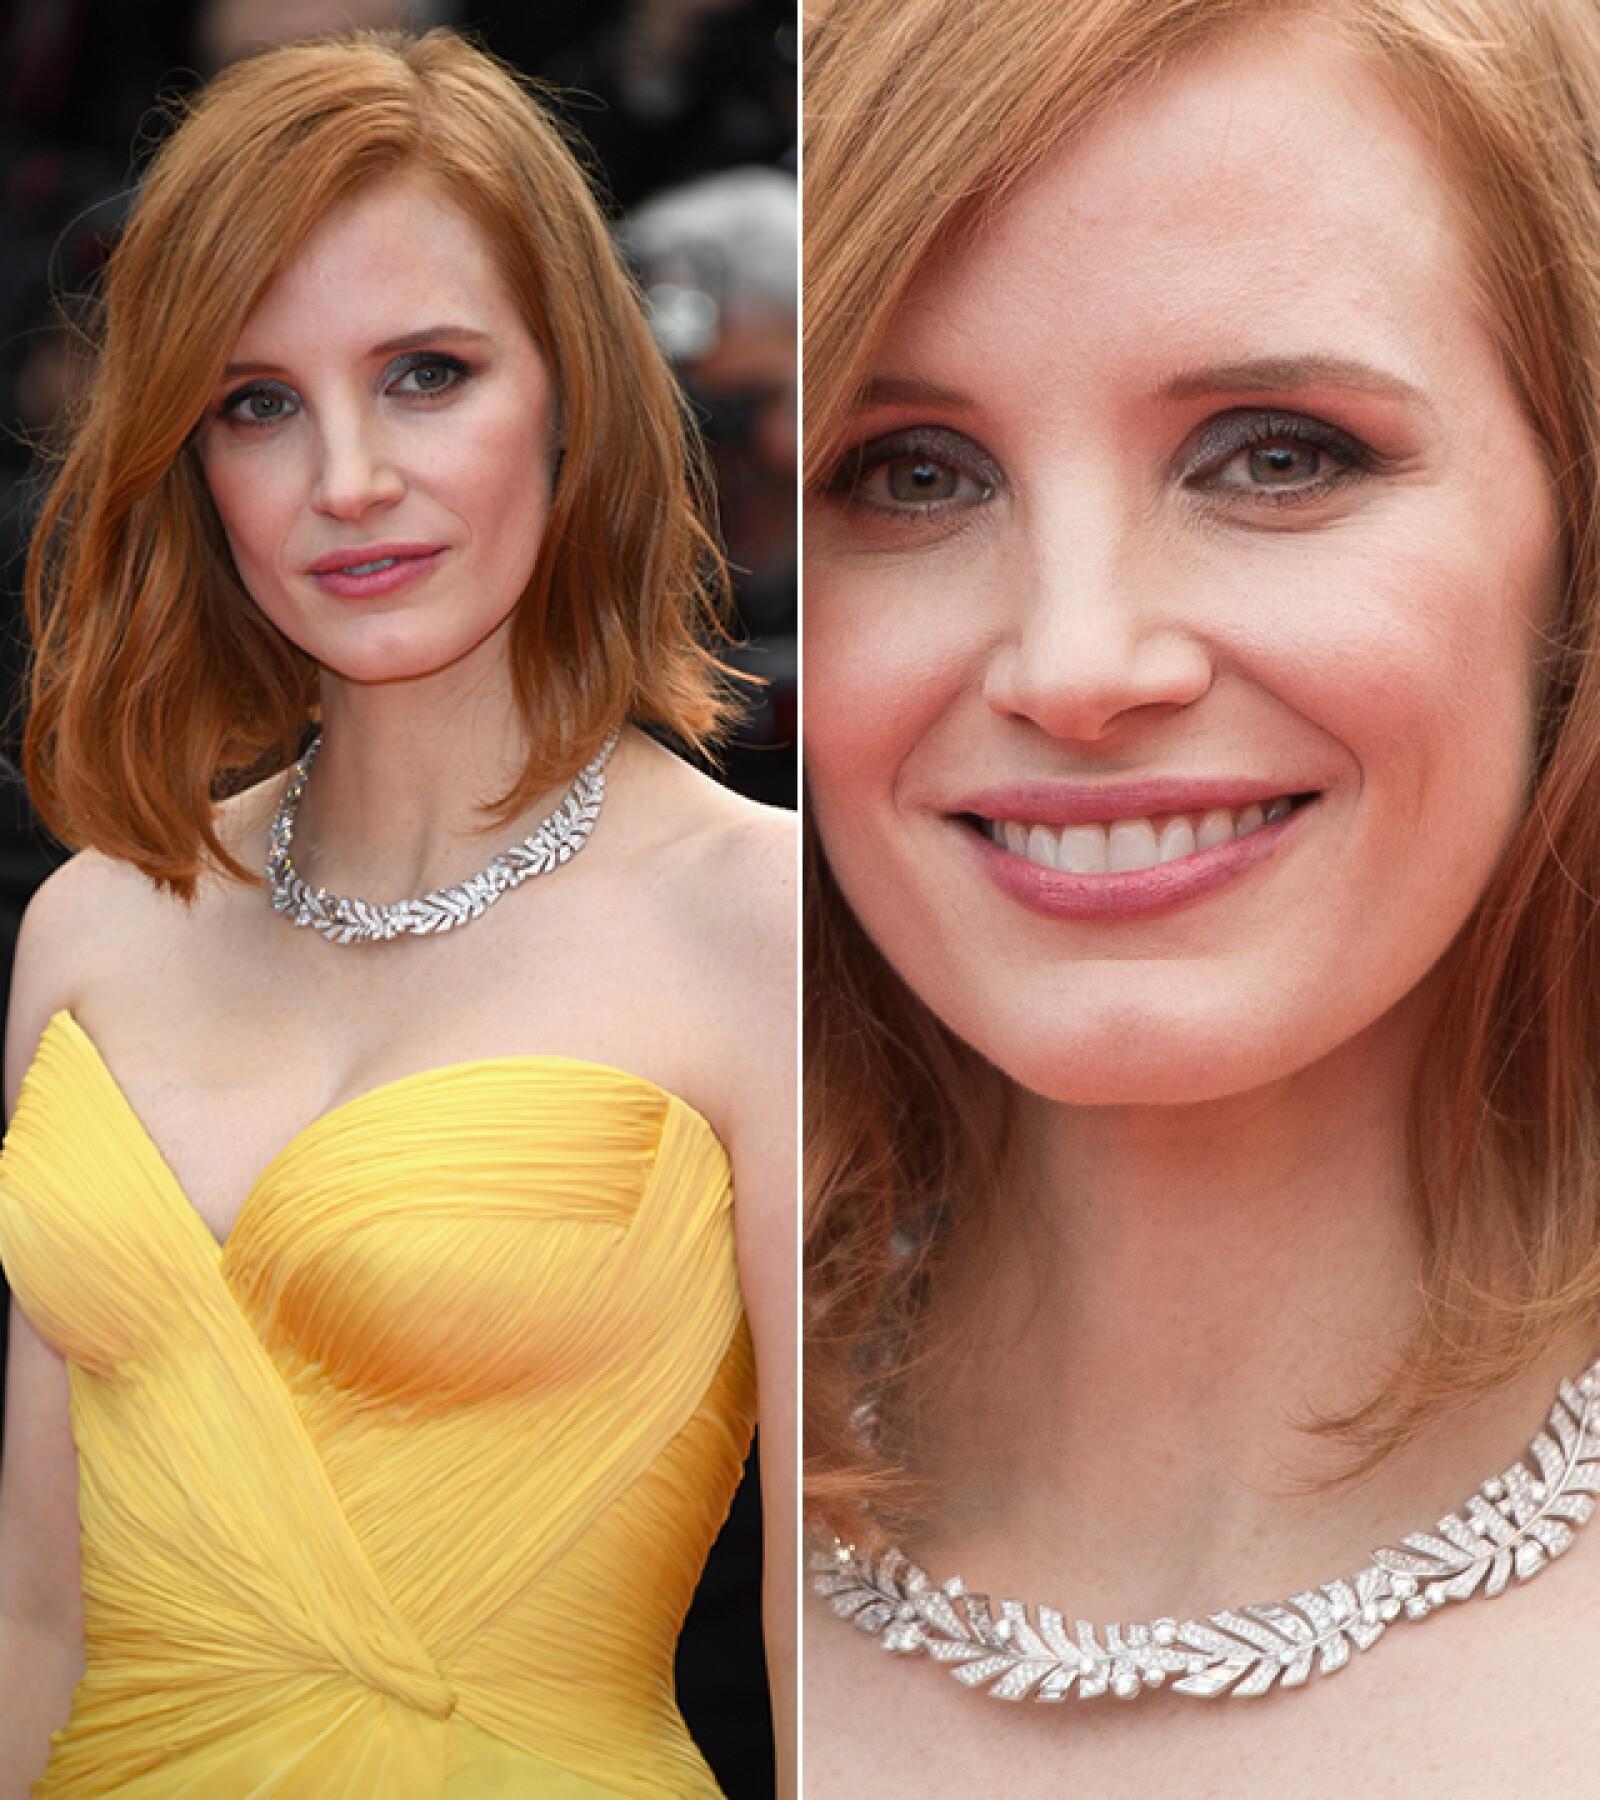 Para la ceremonia de apertura del Festival de Cine de Cannes, Jessica Chastain usó el collar `Sunny Side of Life ´de Piaget hecho de oro blanco y diamantes.